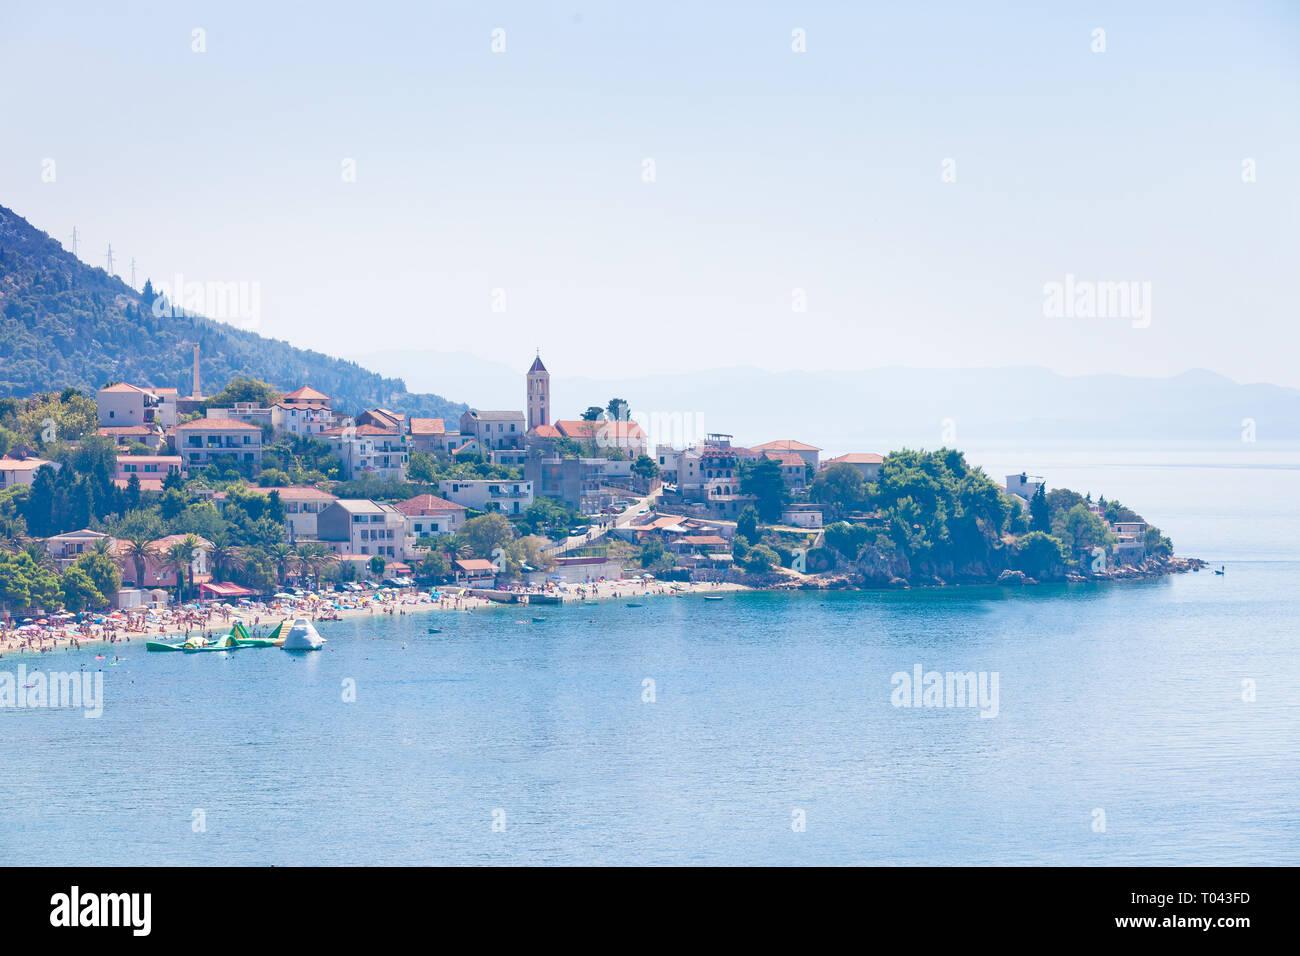 Korcula, Dalmatien, Kroatien, Europa - August 24, 2017 - Luftbild nach Baden in der Bucht von Vela Luka Stockfoto